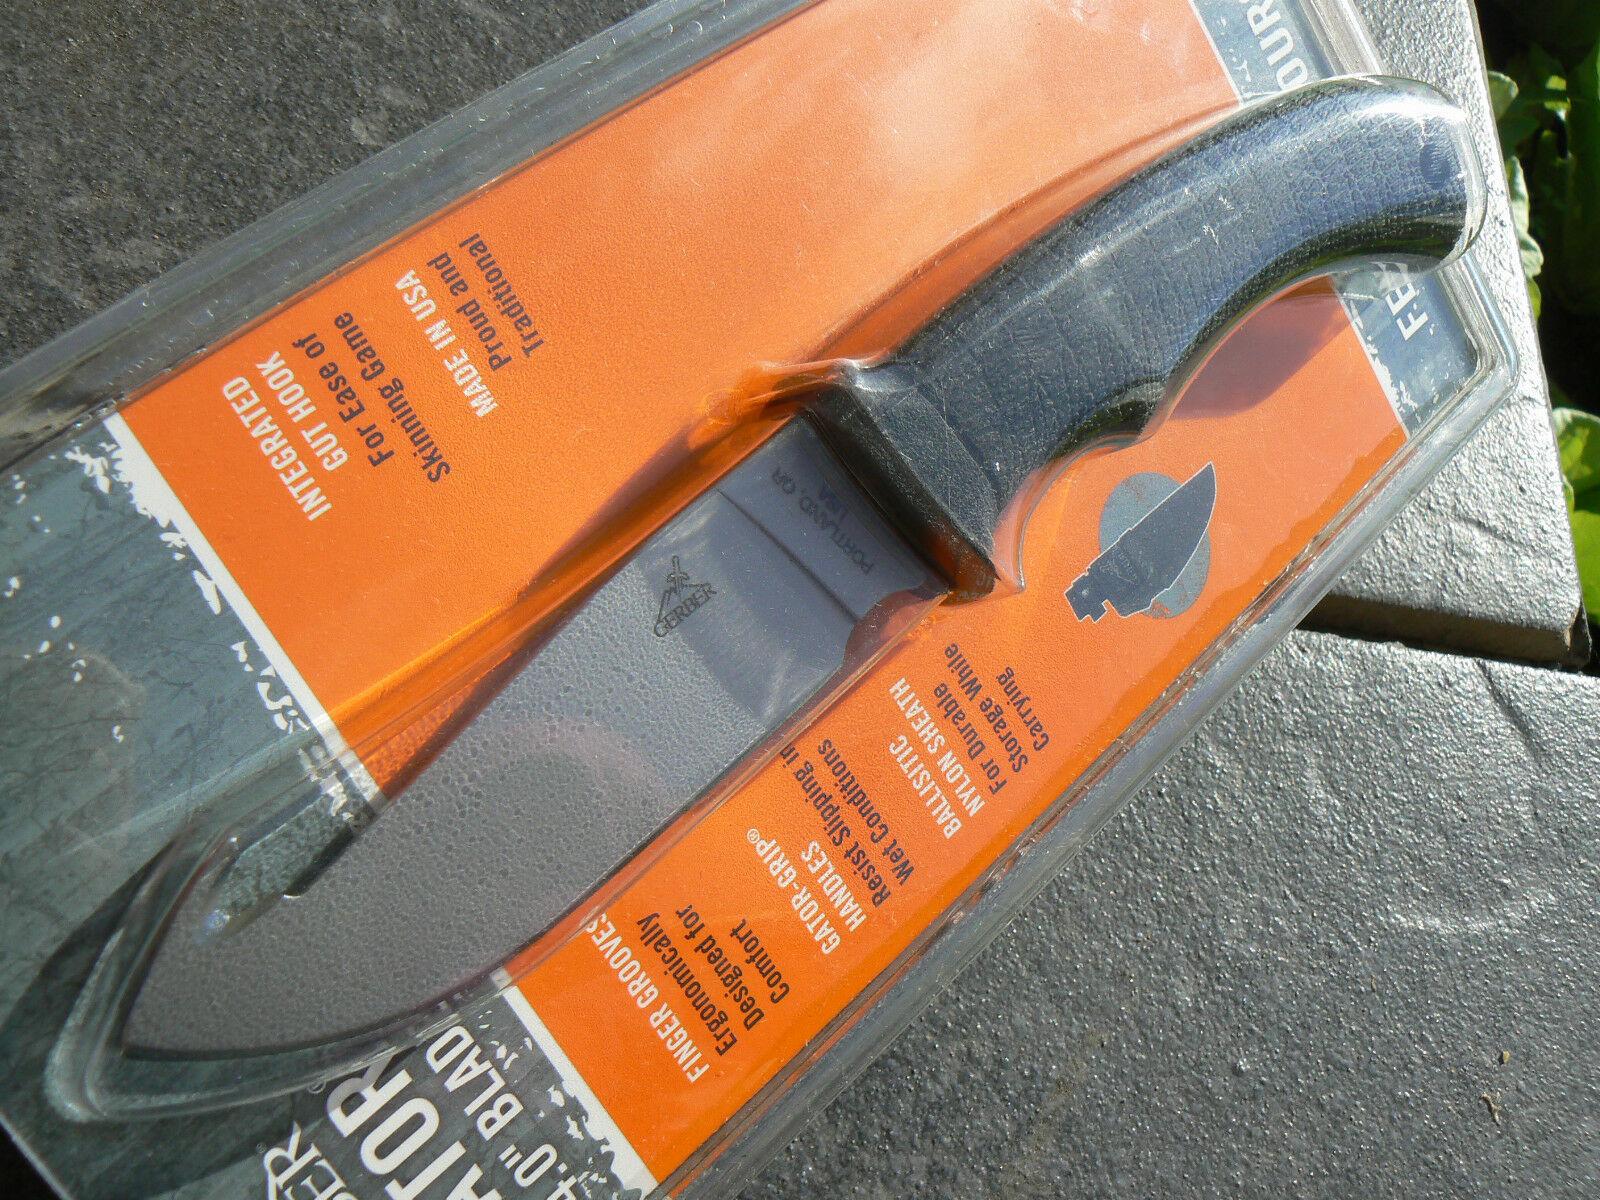 Фото 5 - Нож с фиксированным клинком Gerber Gator, сталь 420HC, рукоять стеклотекстолит G10